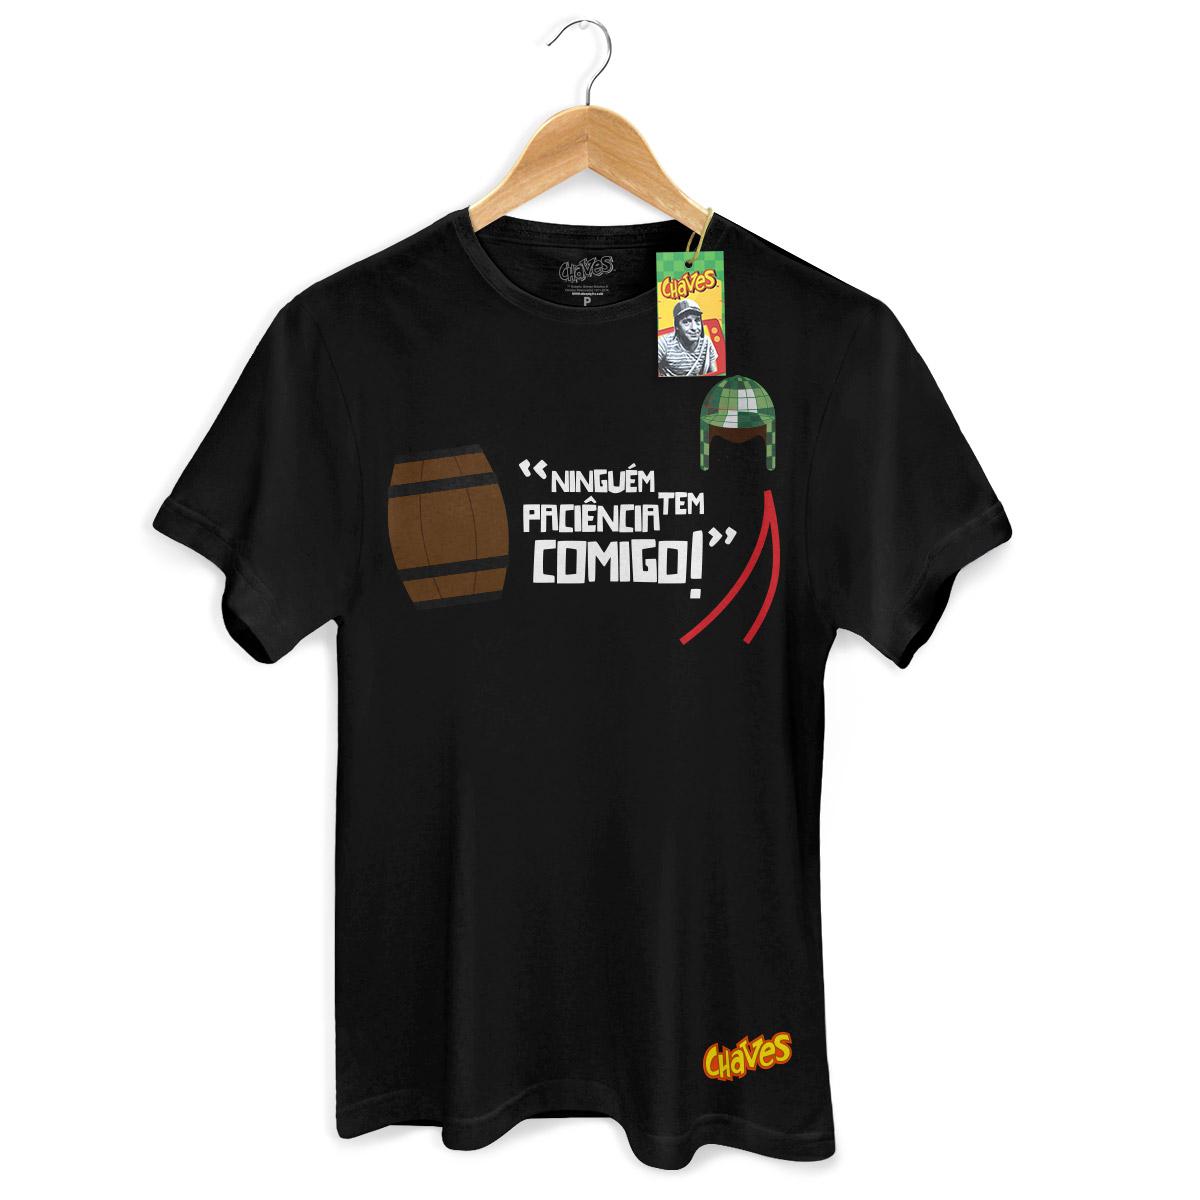 Camiseta Masculina Chaves Ninguém Tem Paciência Comigo! 3